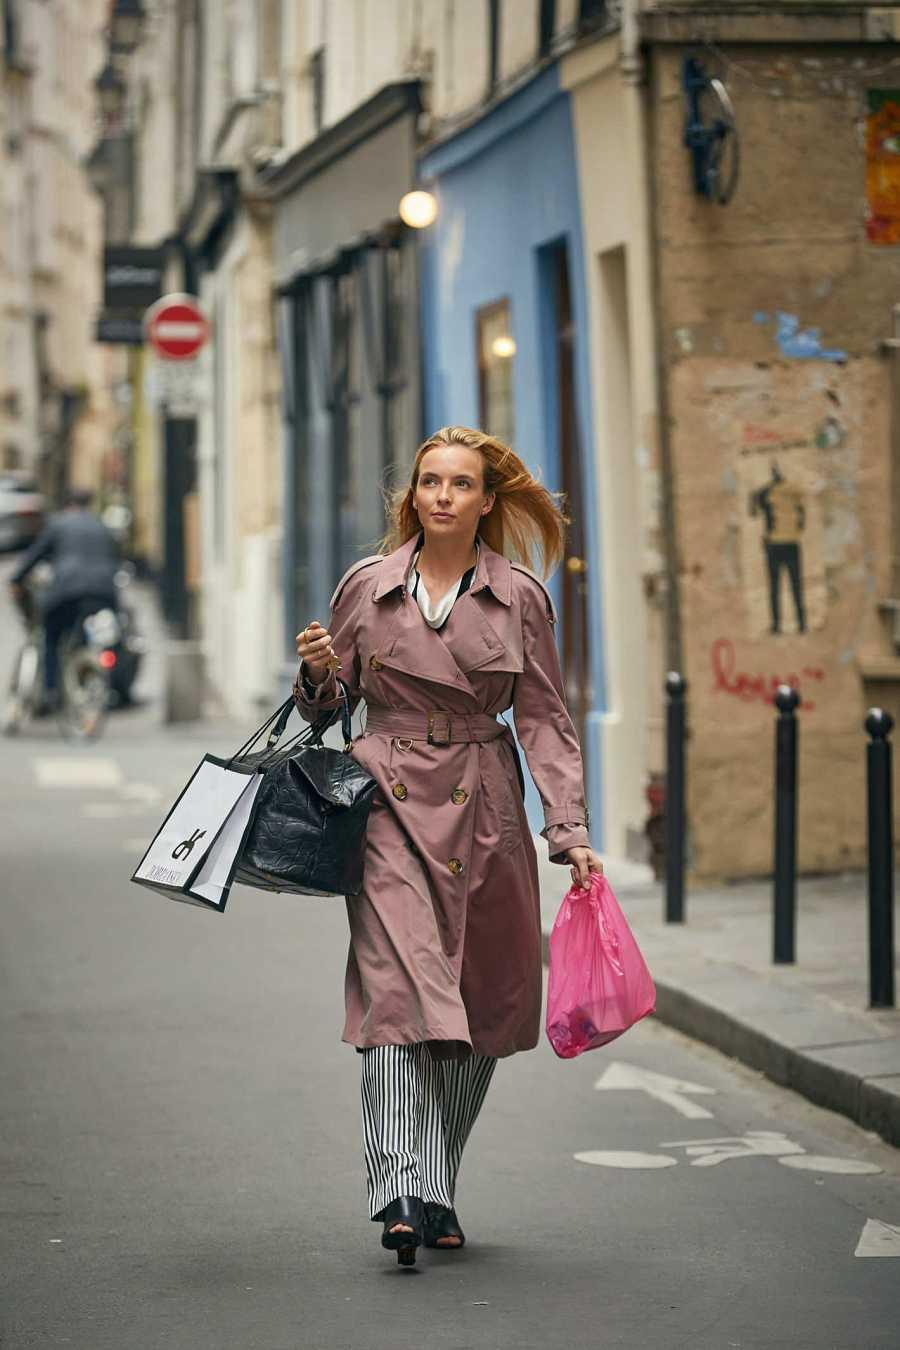 La moda es integral para la personalidad de la asesina Villanelle en 'Killing Eve'